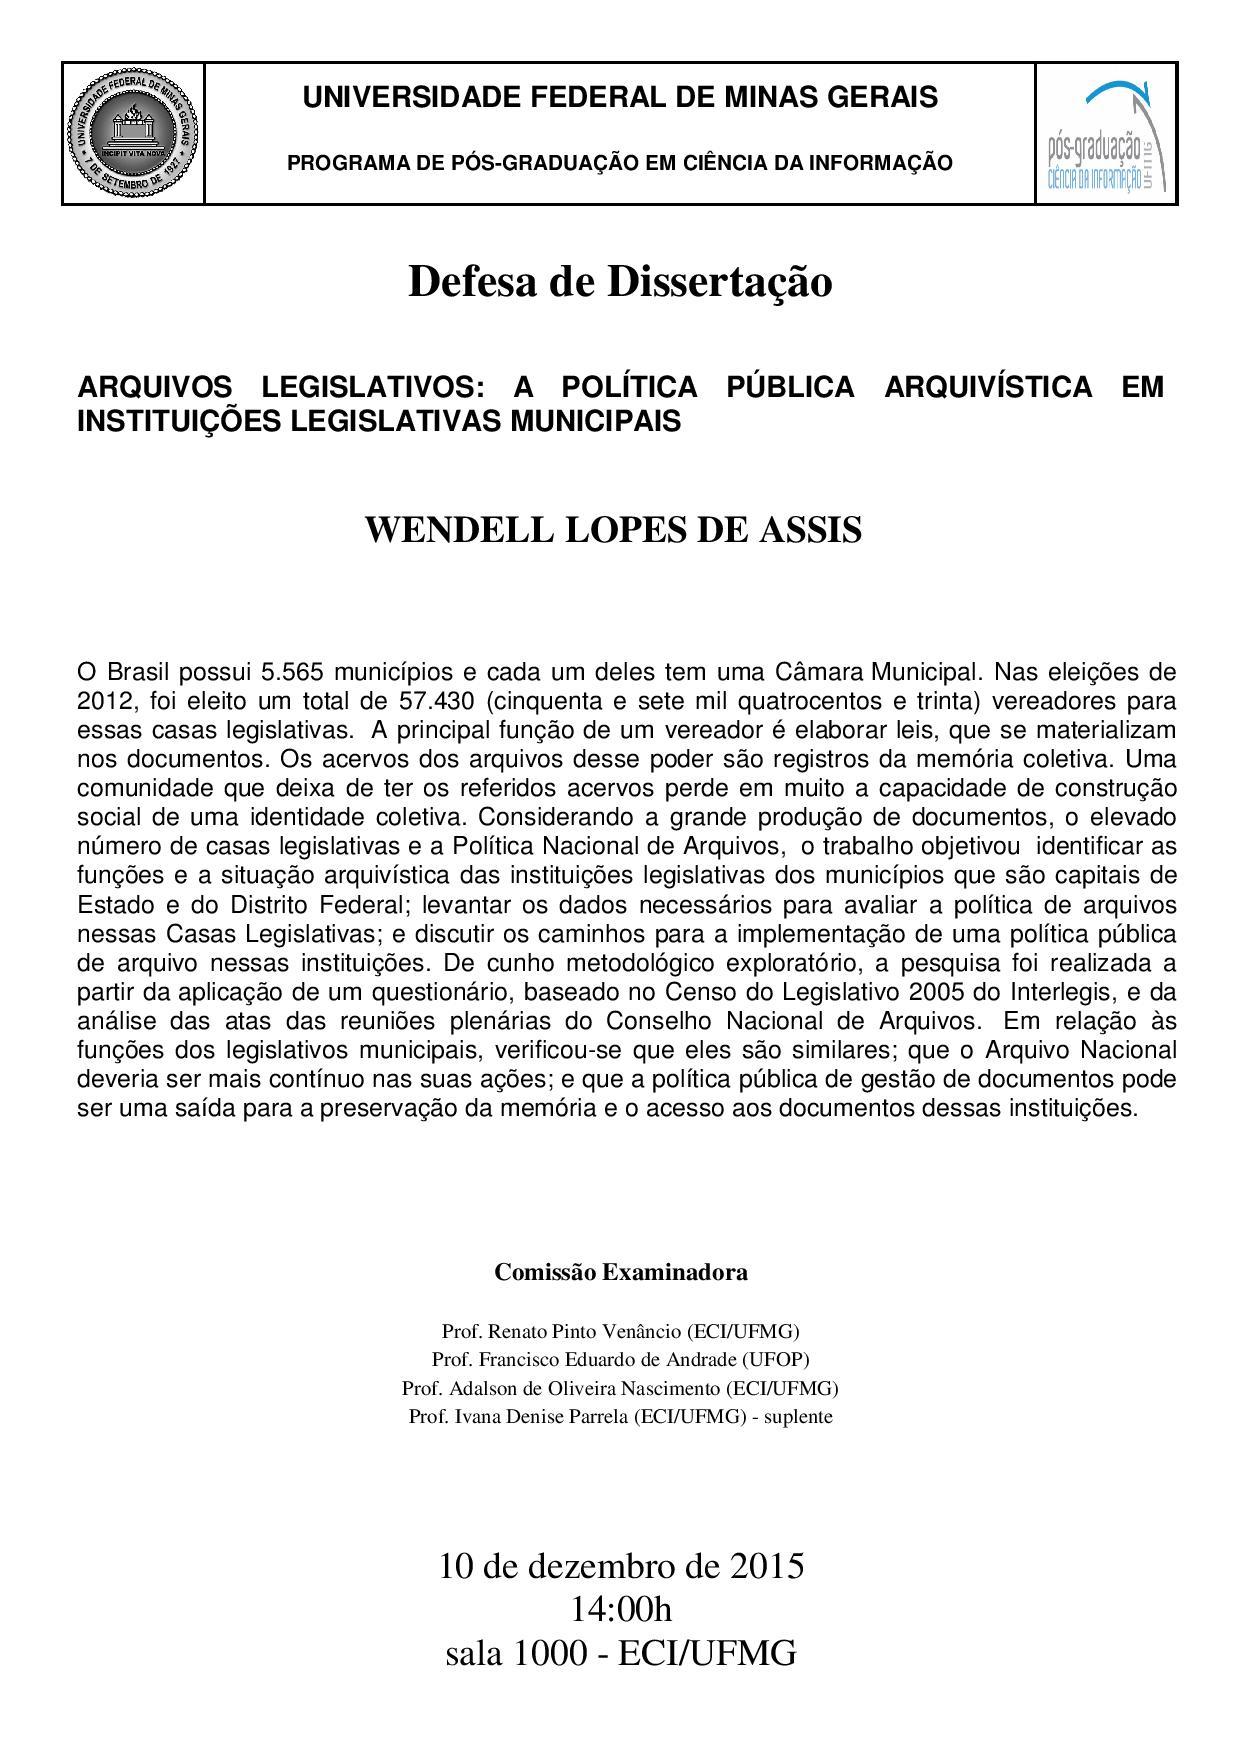 Defesa Dissertação Wendell Lopes de Assis